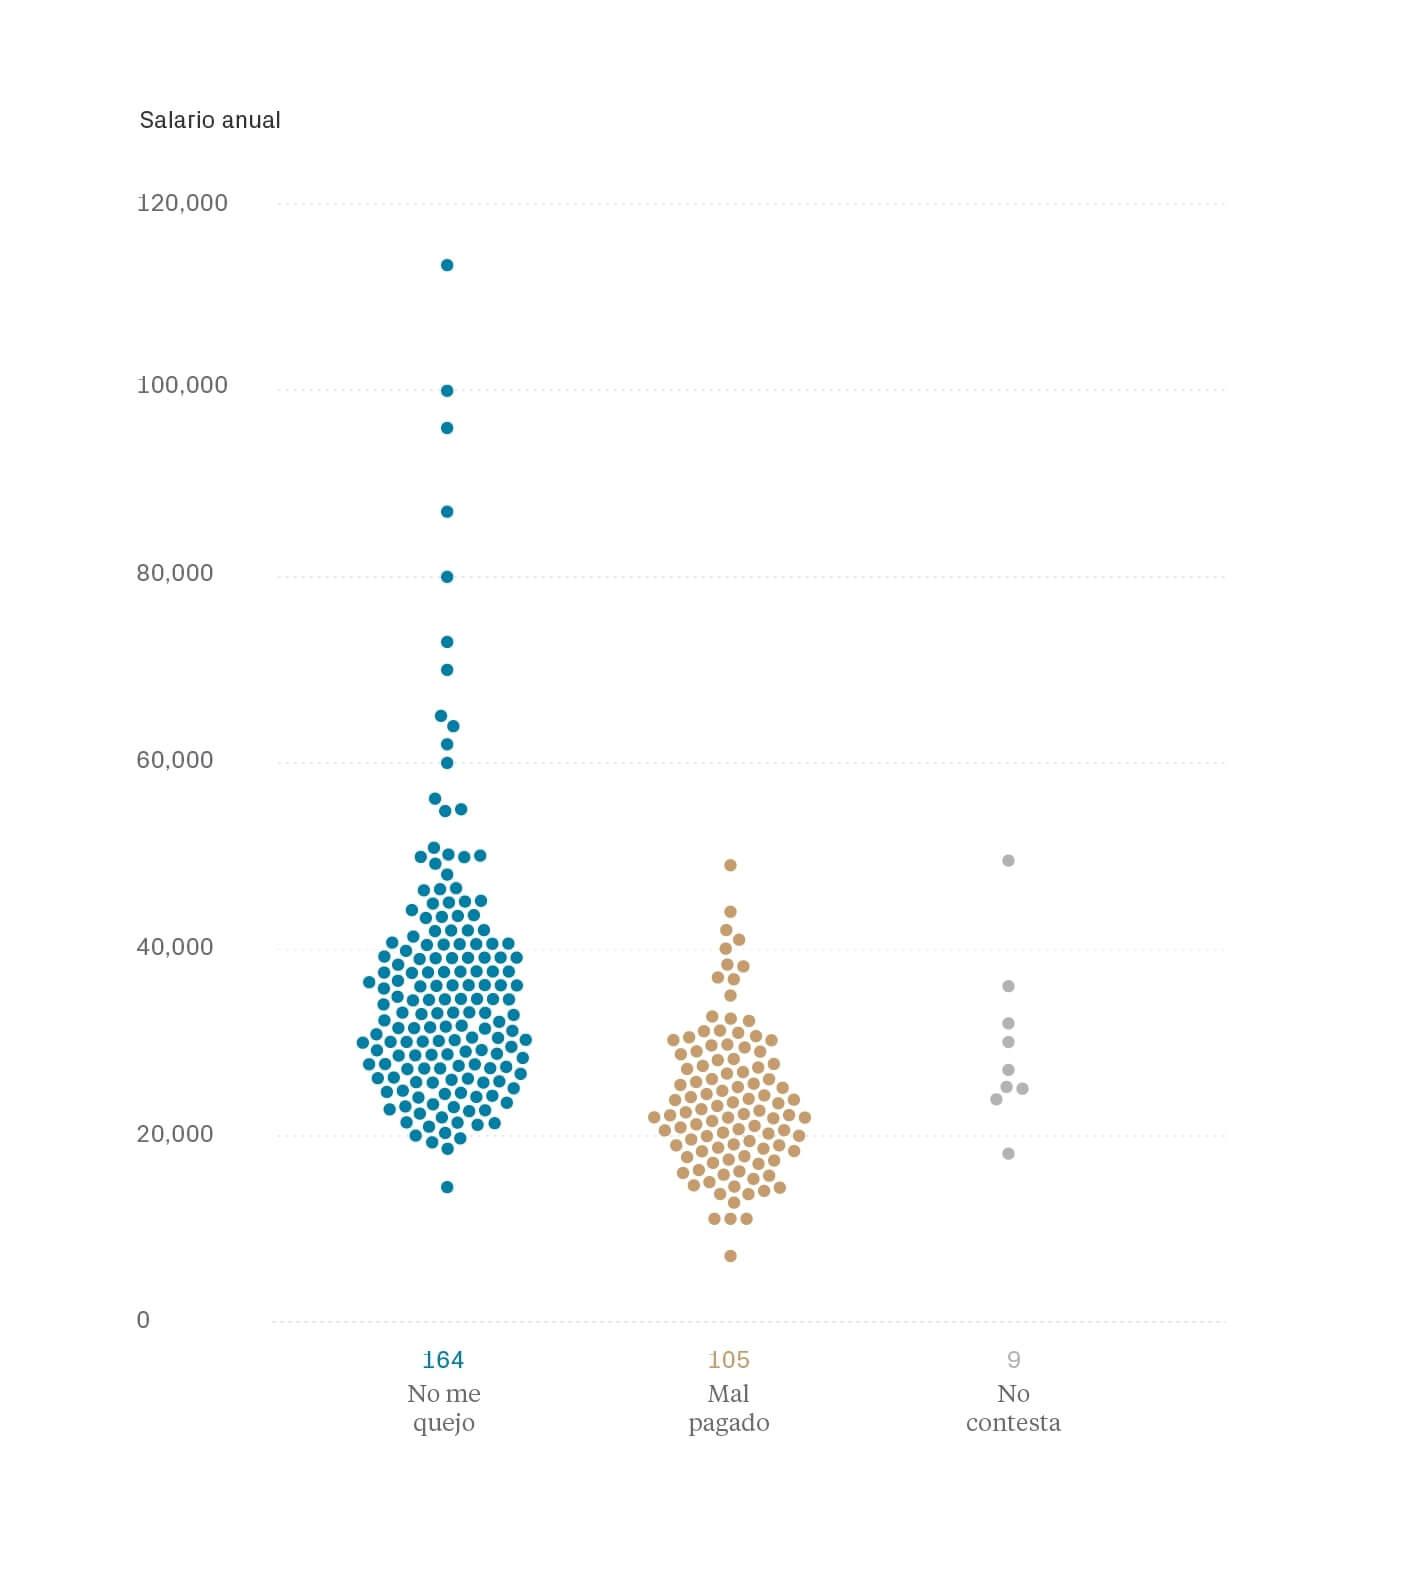 Satisfacción salario - Salarios diseño UI/UX España 2019